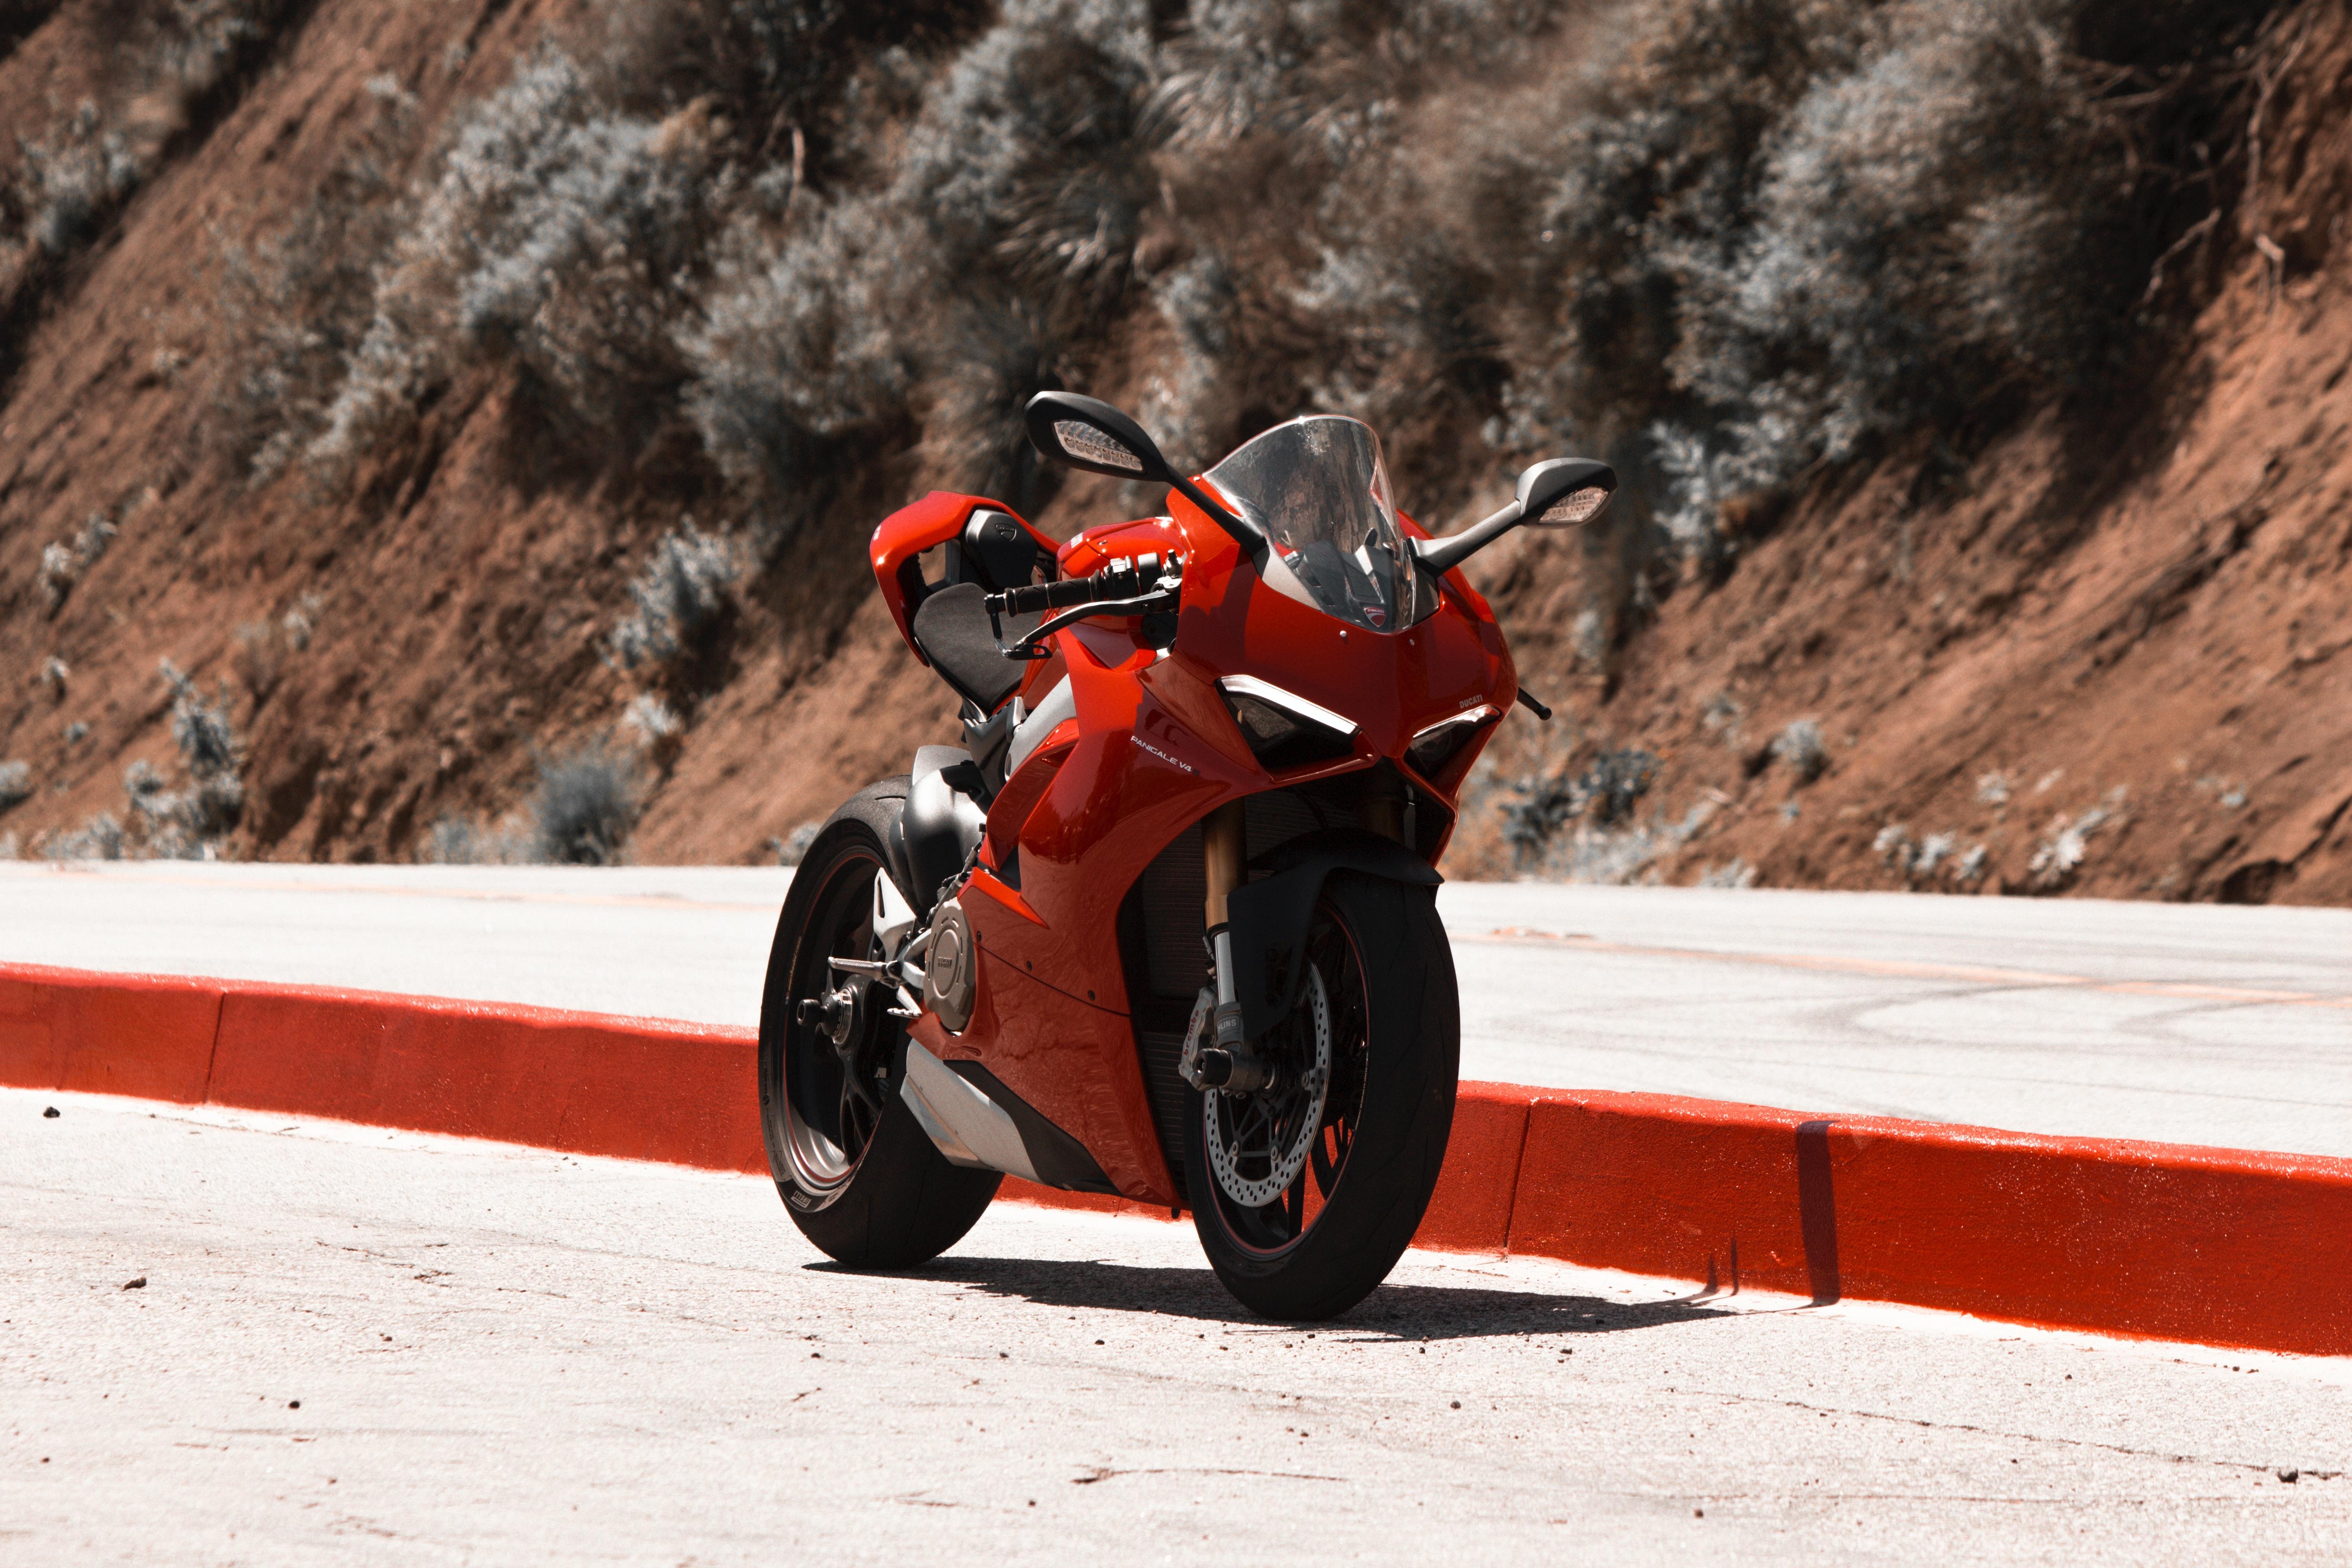 146706 скачать обои Мотоциклы, Мотоцикл, Байк, Спортбайк, Красный - заставки и картинки бесплатно